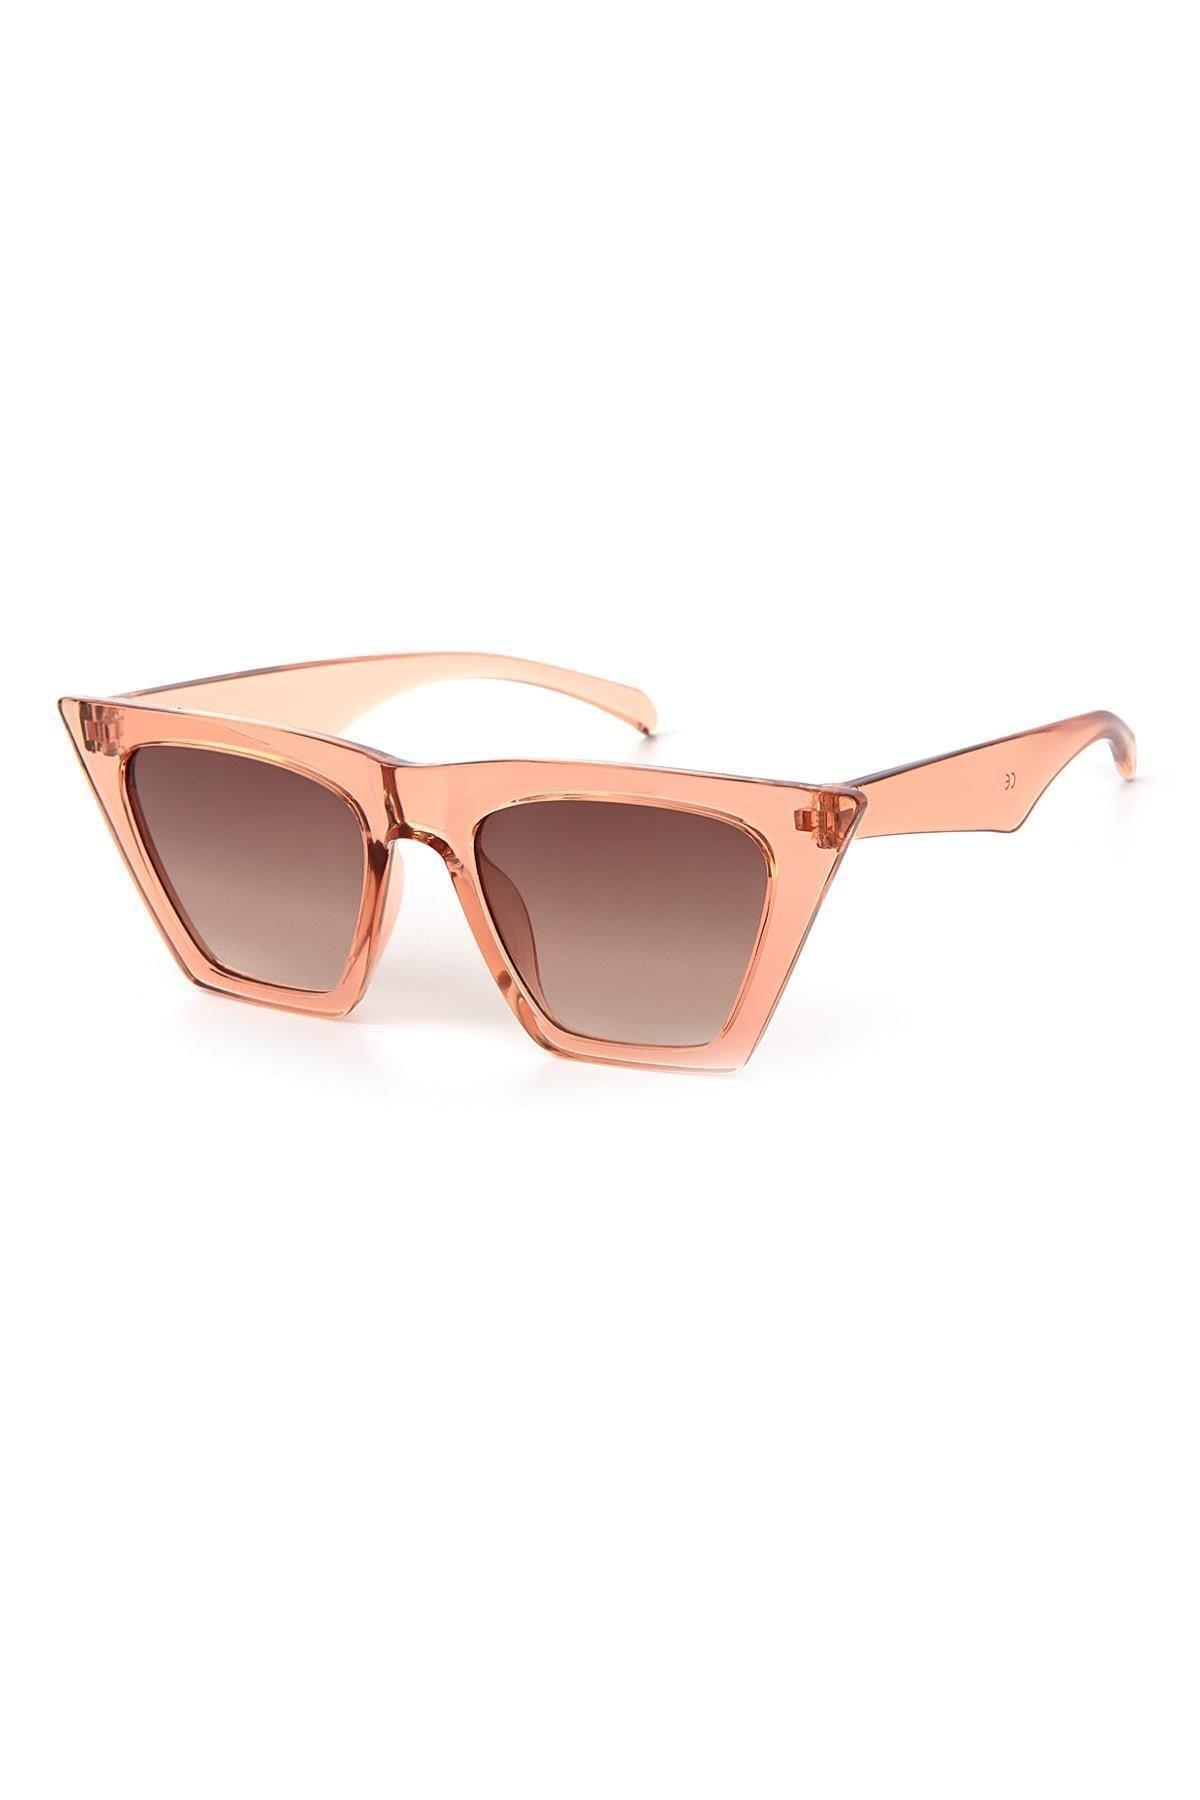 عینک دودی مردانه مدل 2021 برند Moda Kızı Butik رنگ بژ کد ty66388004